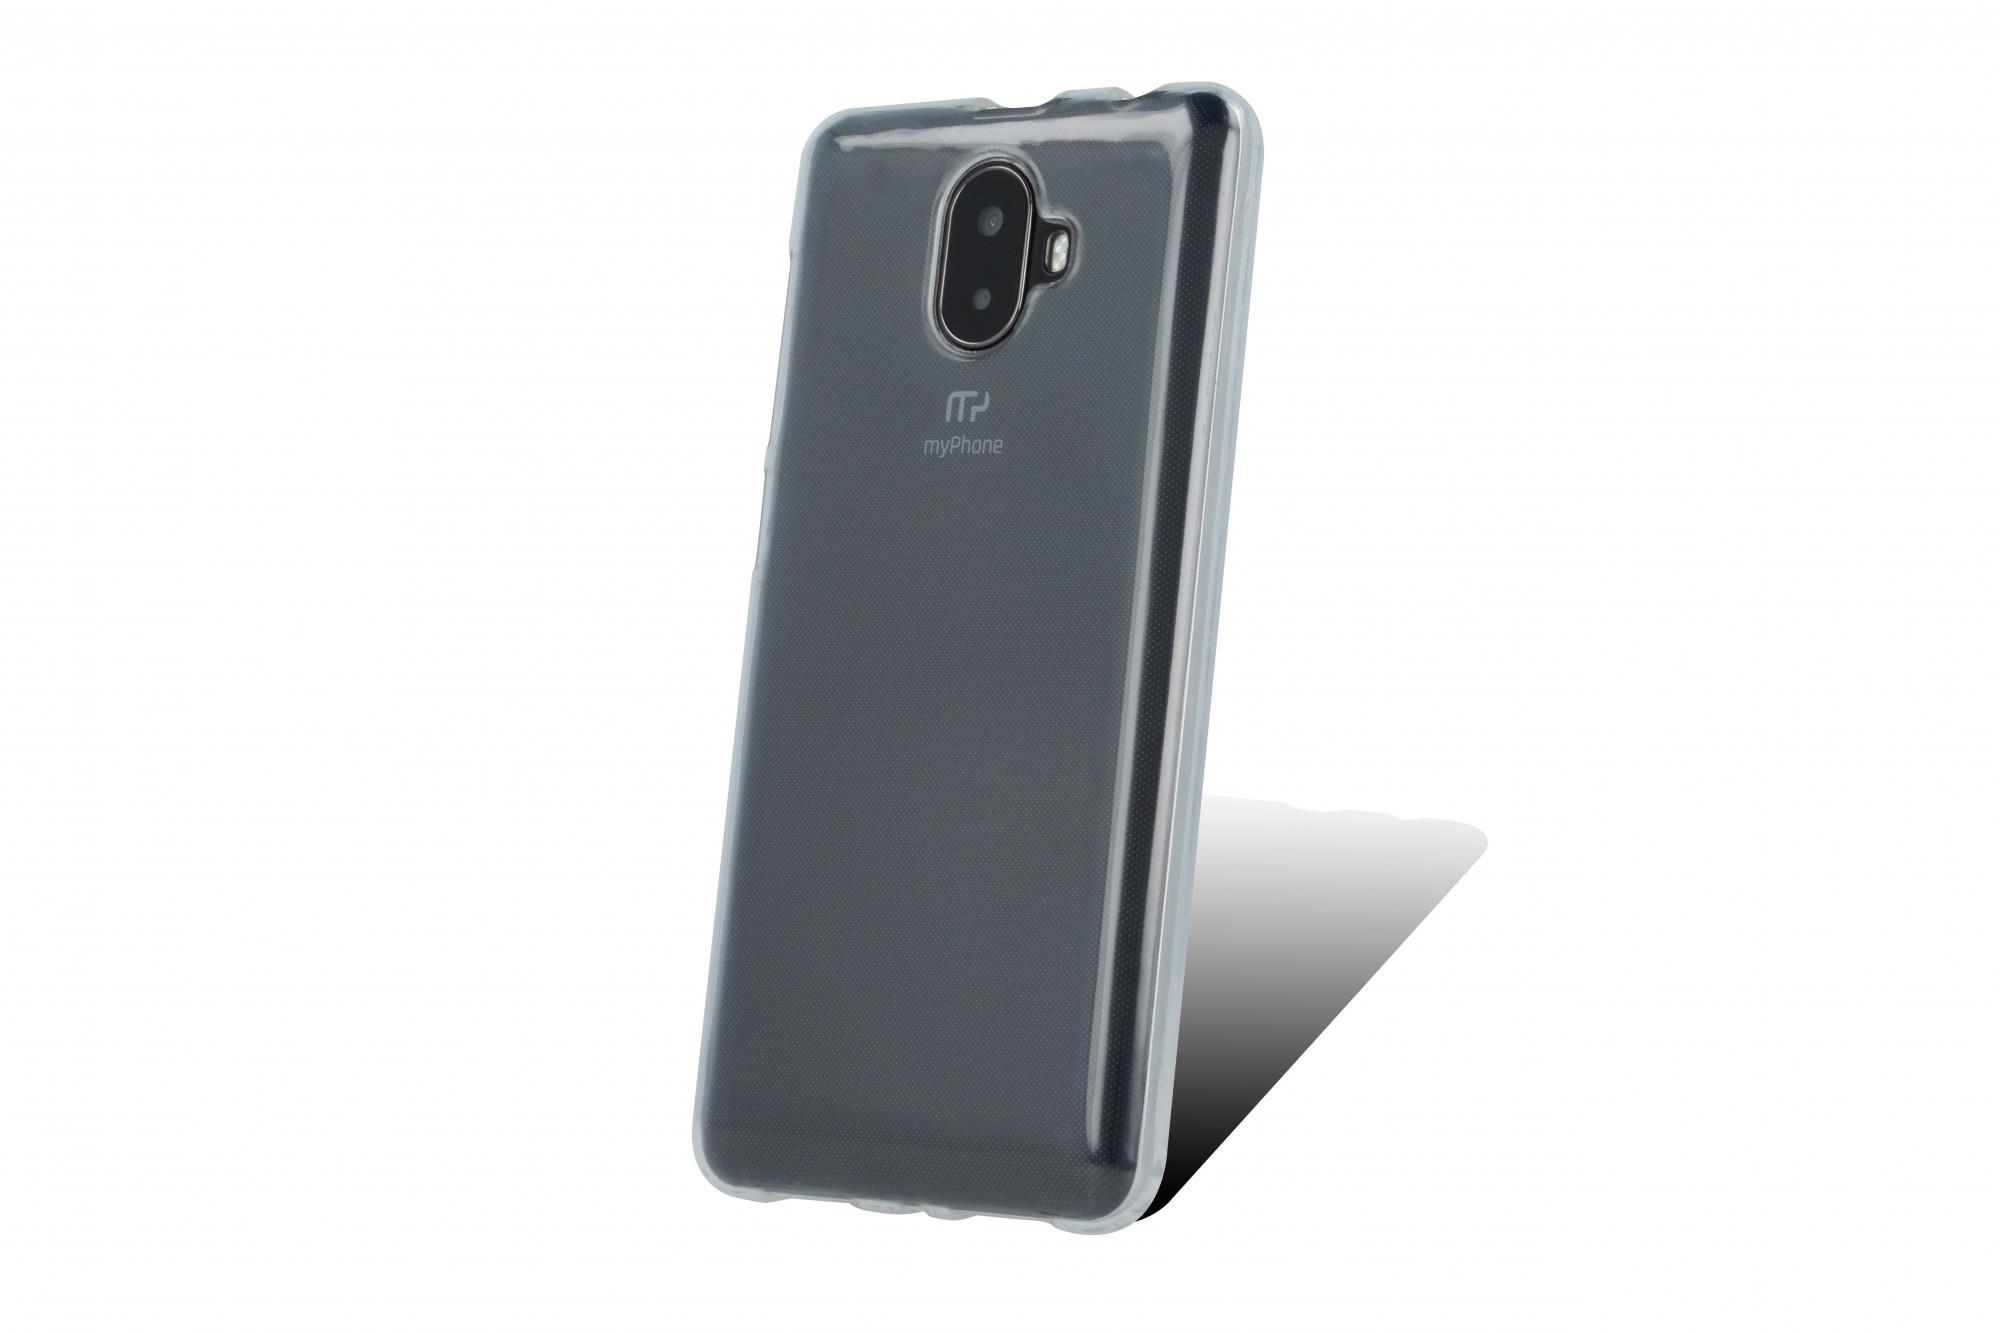 Silikonové TPU pouzdro pro myPhone Pocket 18x9 transparentní